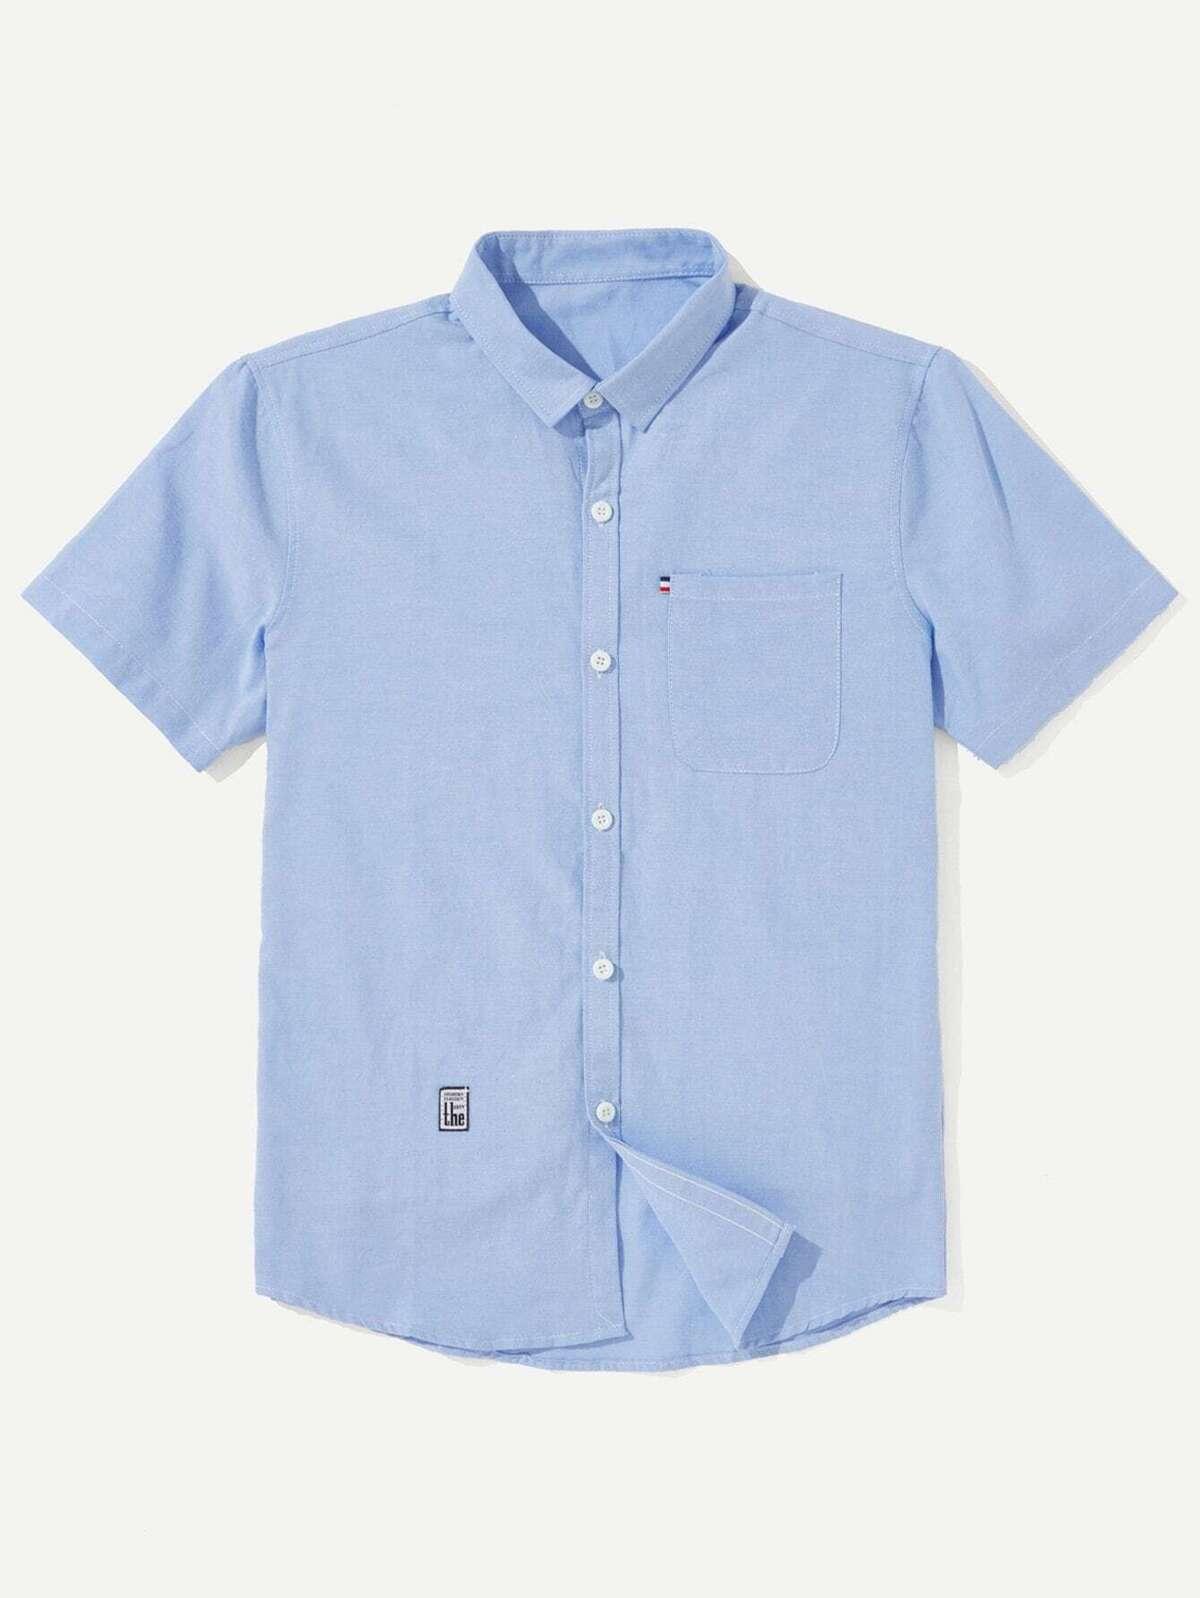 男人 貼片 裝飾 襯衫